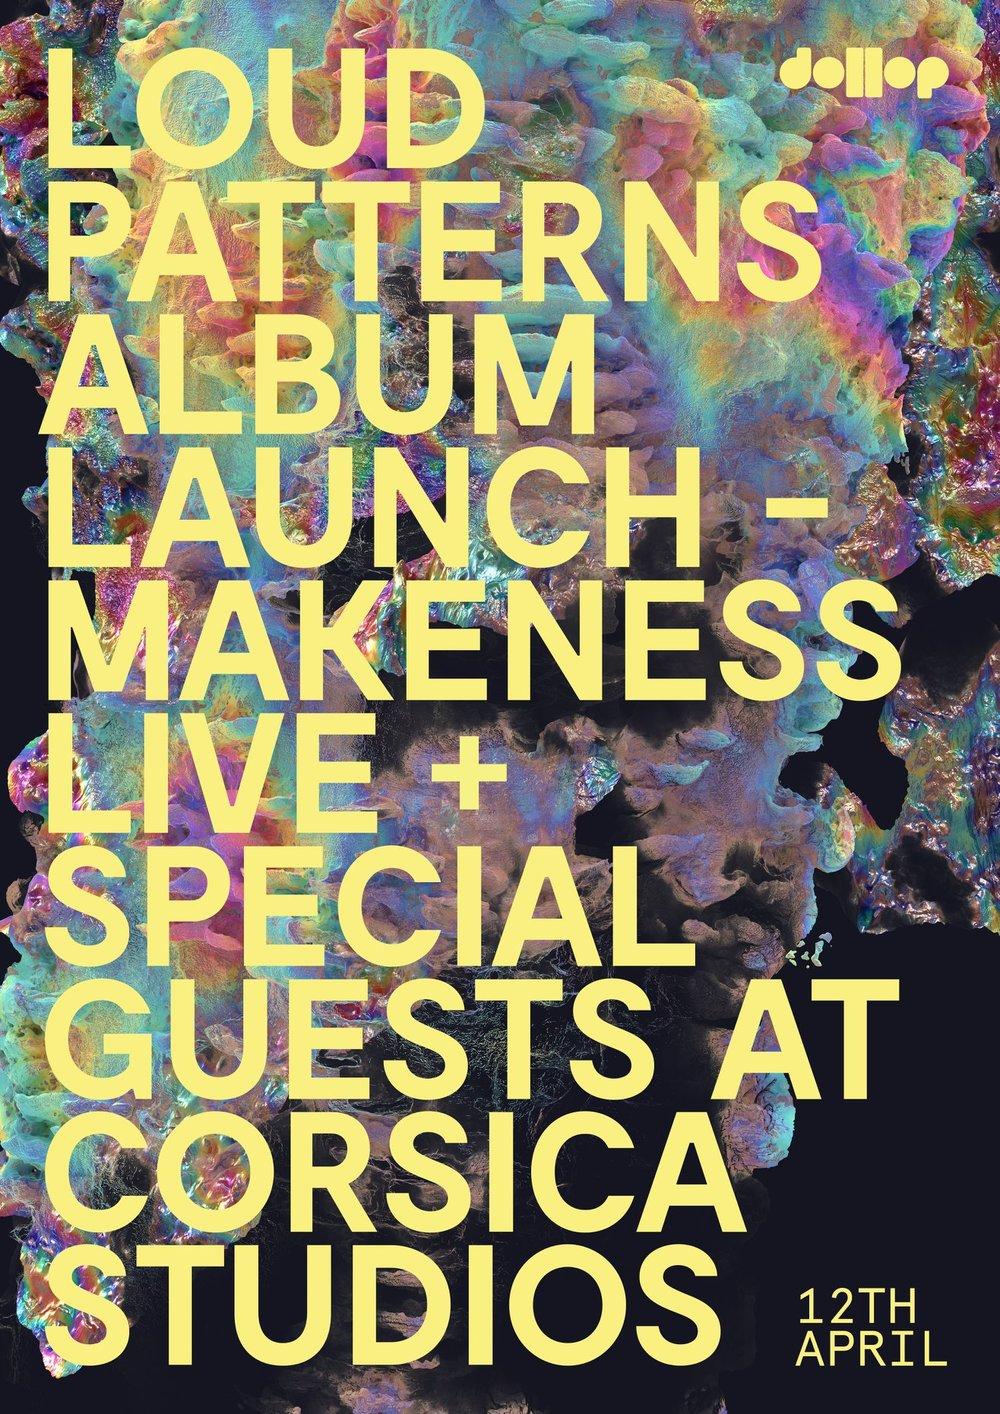 'Loud Patterns' album launch poster